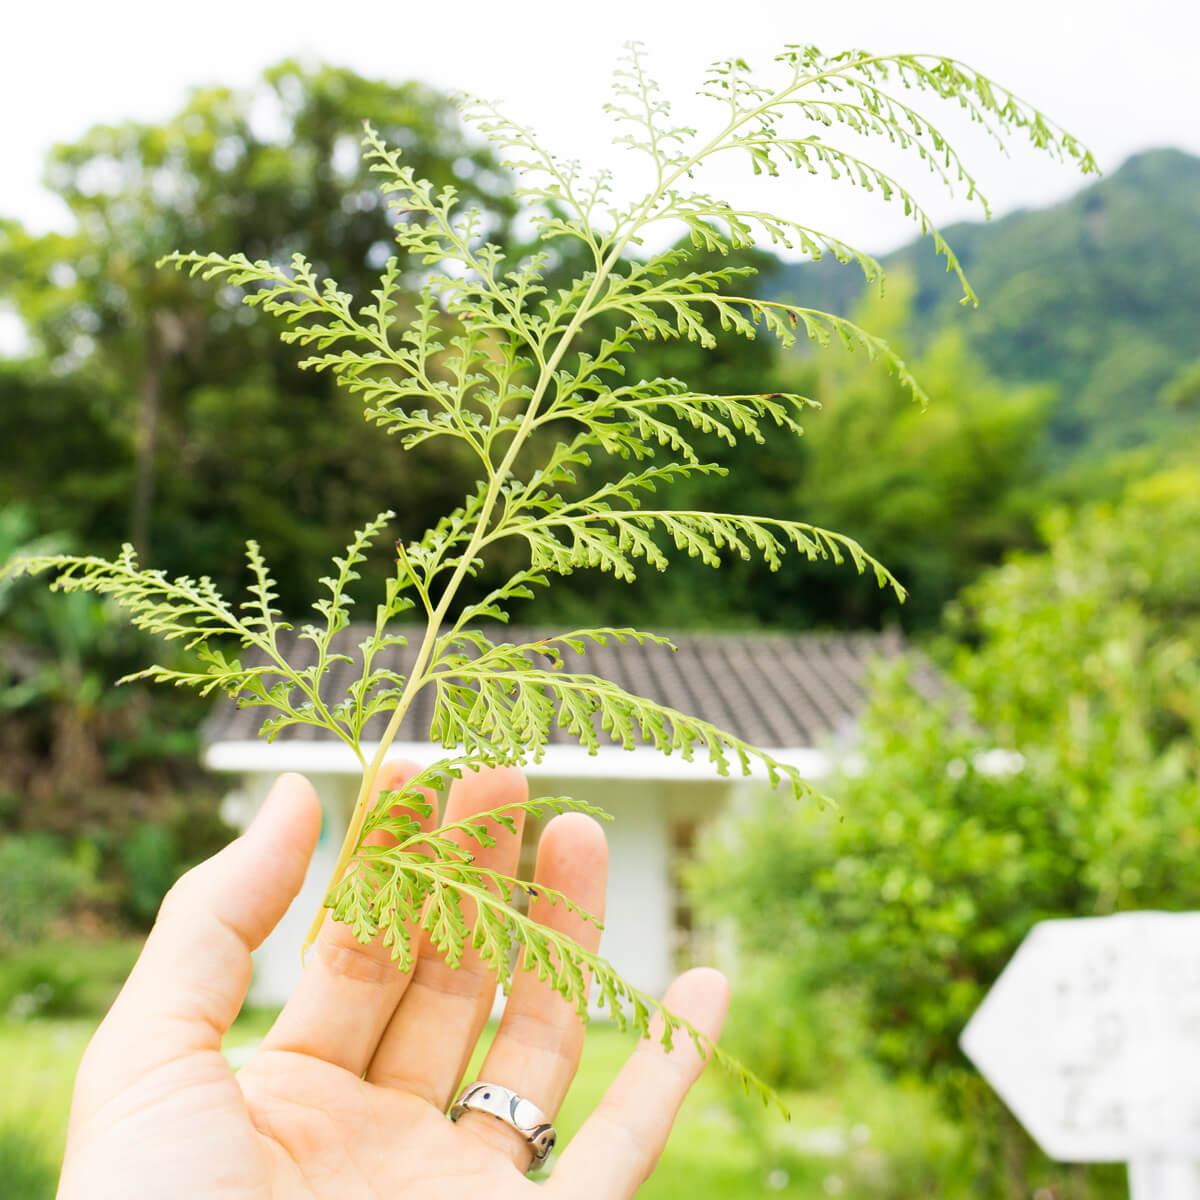 屋久島しずくギャラリー 青空 屋久島の花々 オーダーメイドジュエリーの展示、販売